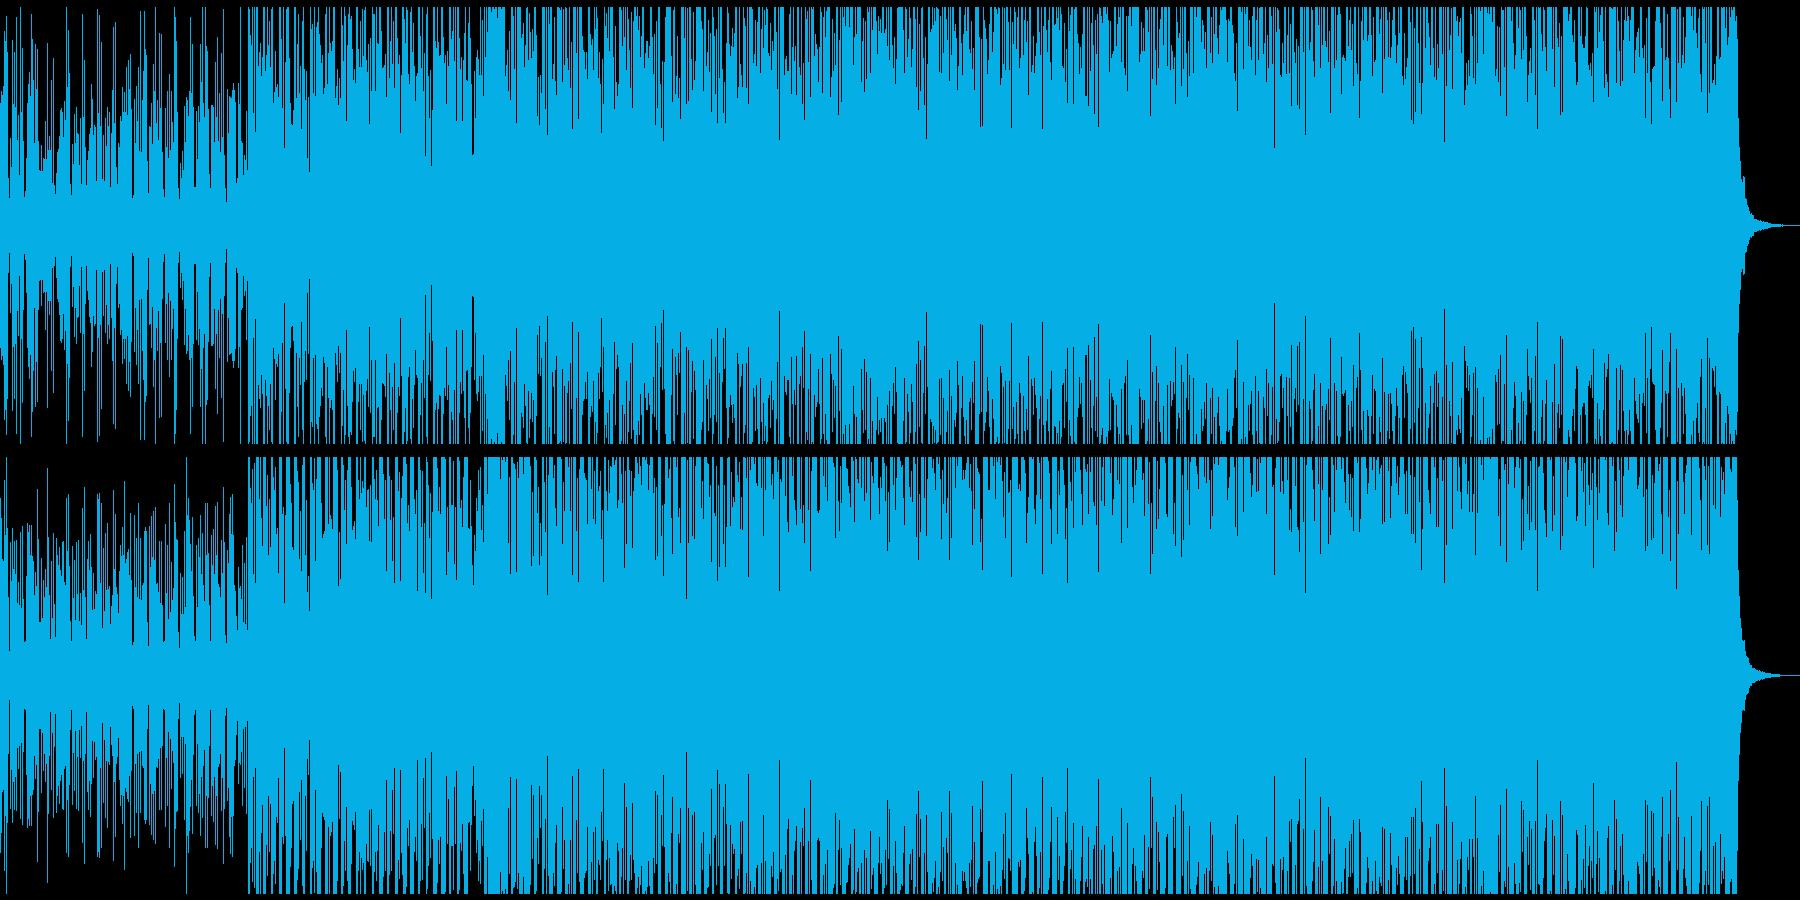 強調性のあるしっかりしたエレクトロビートの再生済みの波形